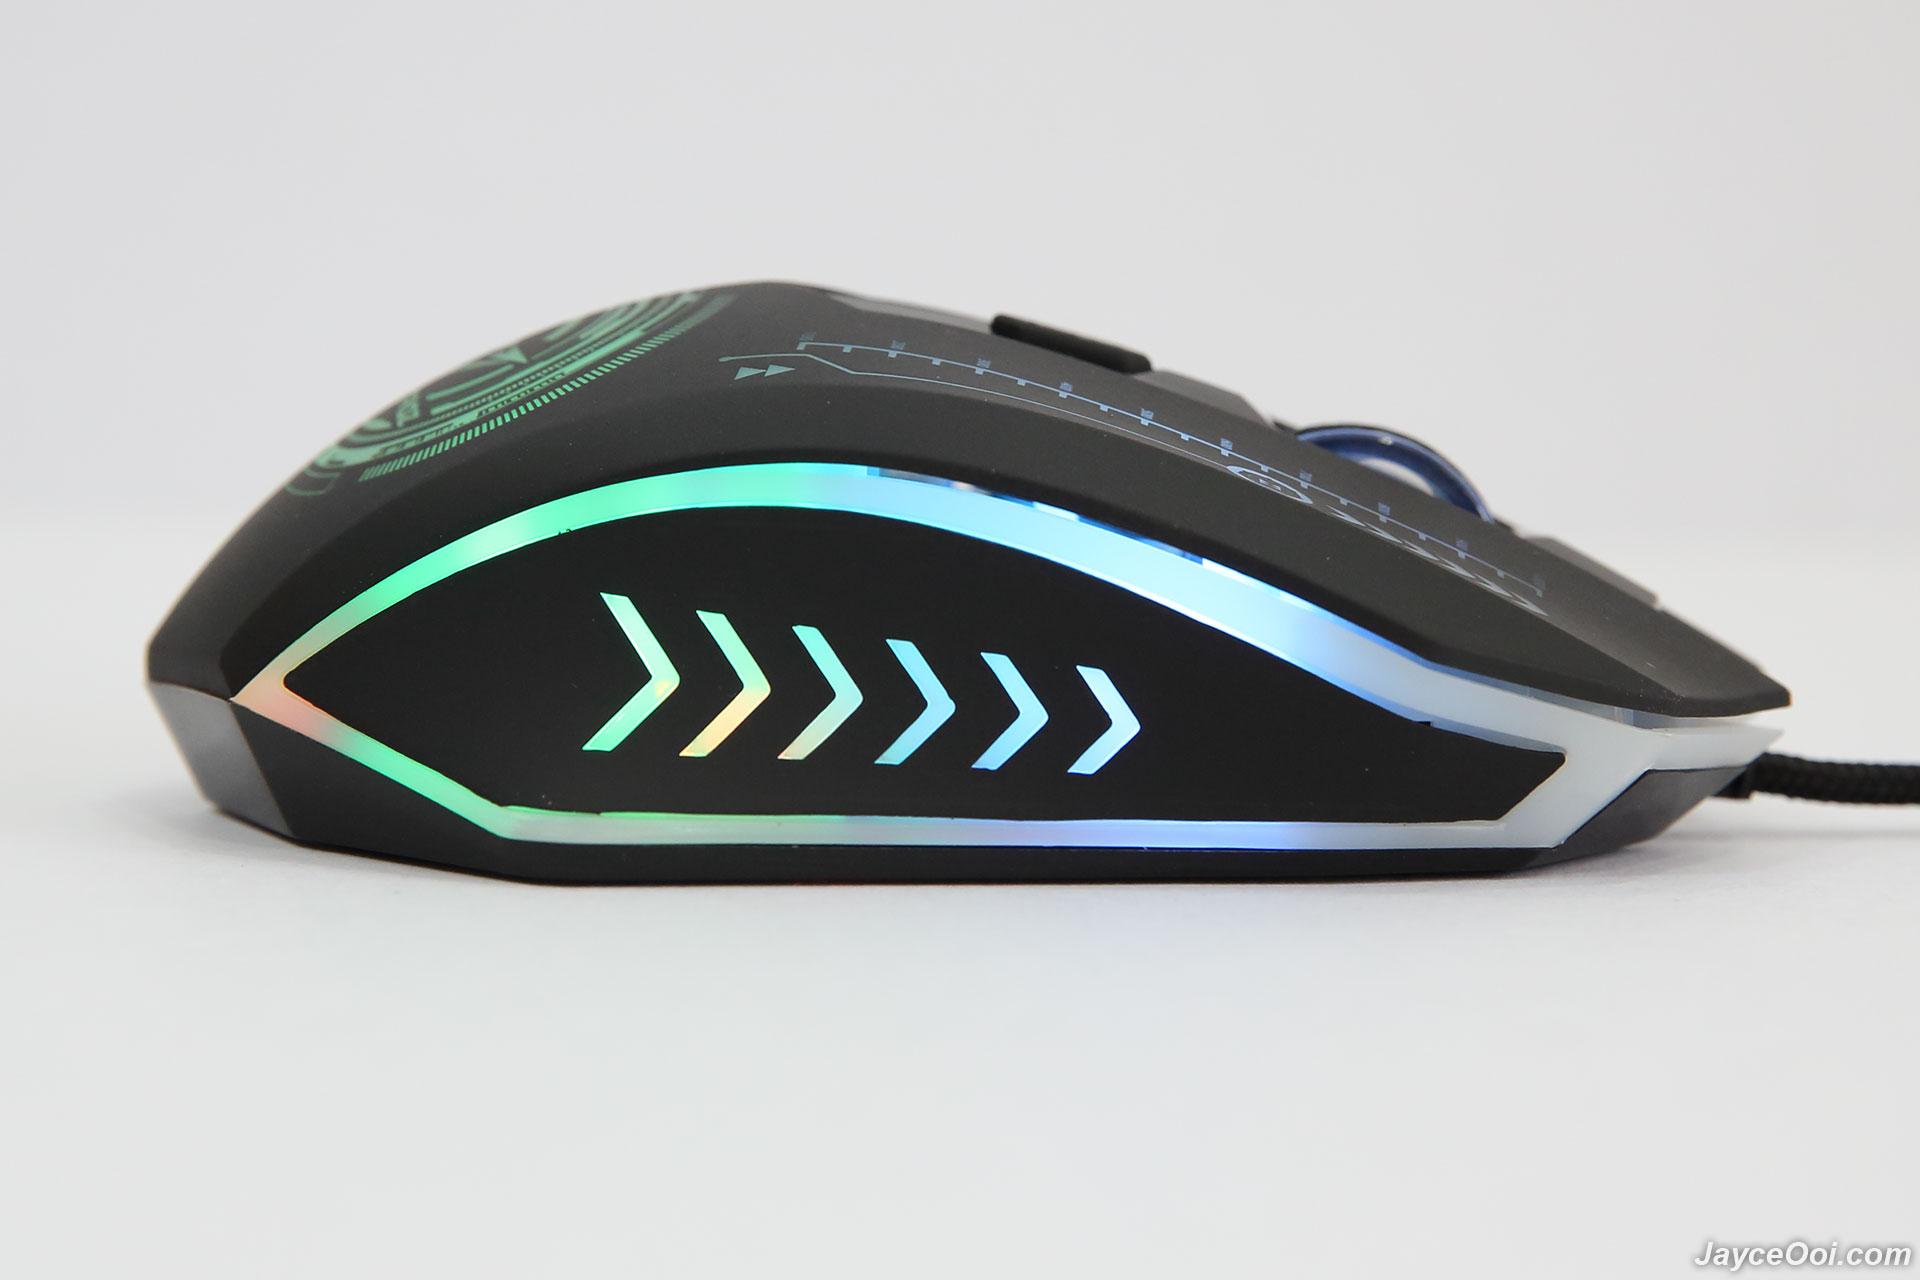 Alcatroz X-Craft Pro Trek 1000 Review - JayceOoi com